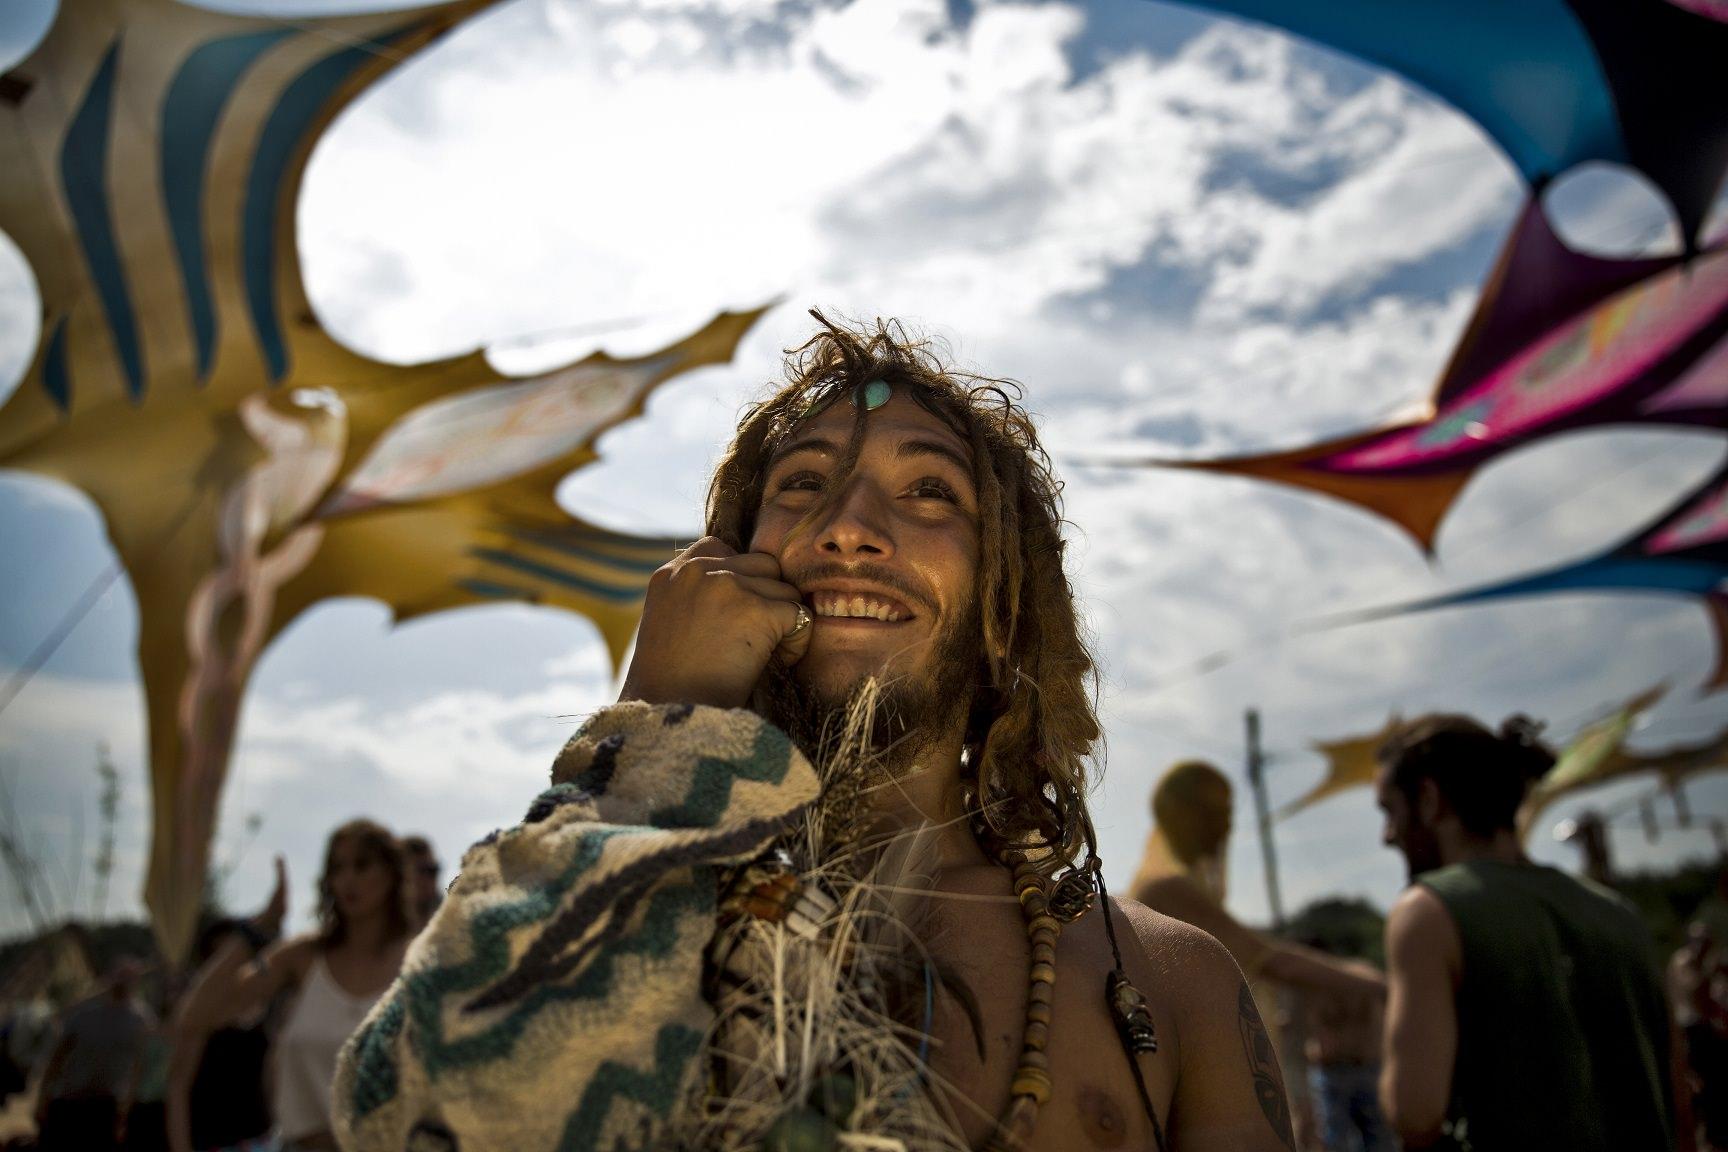 Ajpek Orsolya: Neohippi törzs járta táncát Nógrádban (részlet a sorozatból)